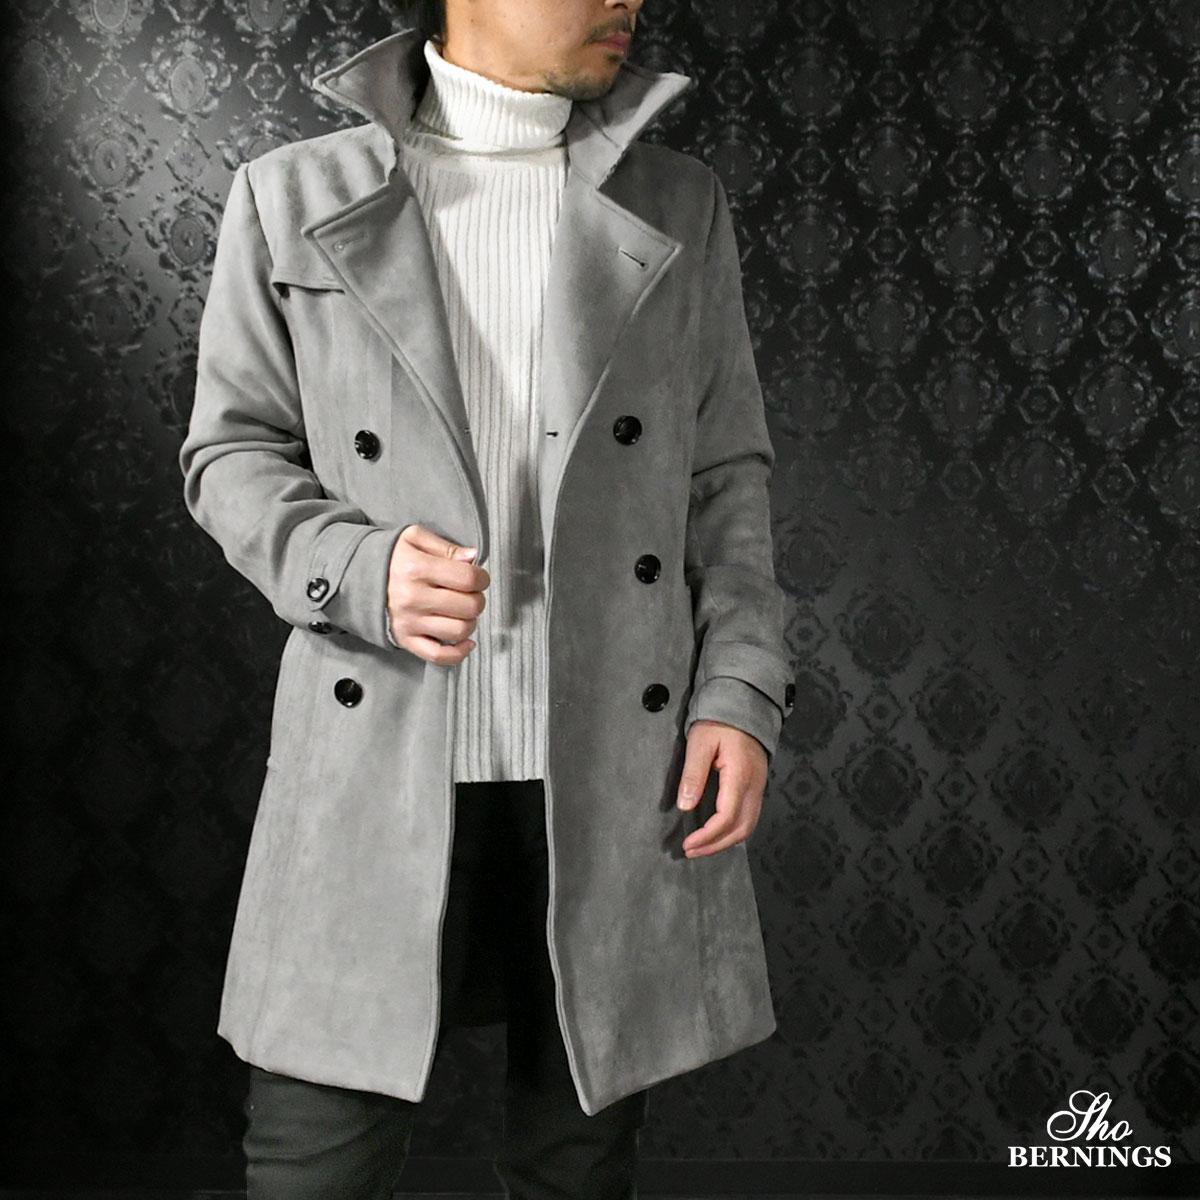 トレンチコート フェイクスウェード メンズ ロング丈 ダブル ロングコート mens(グレー灰)